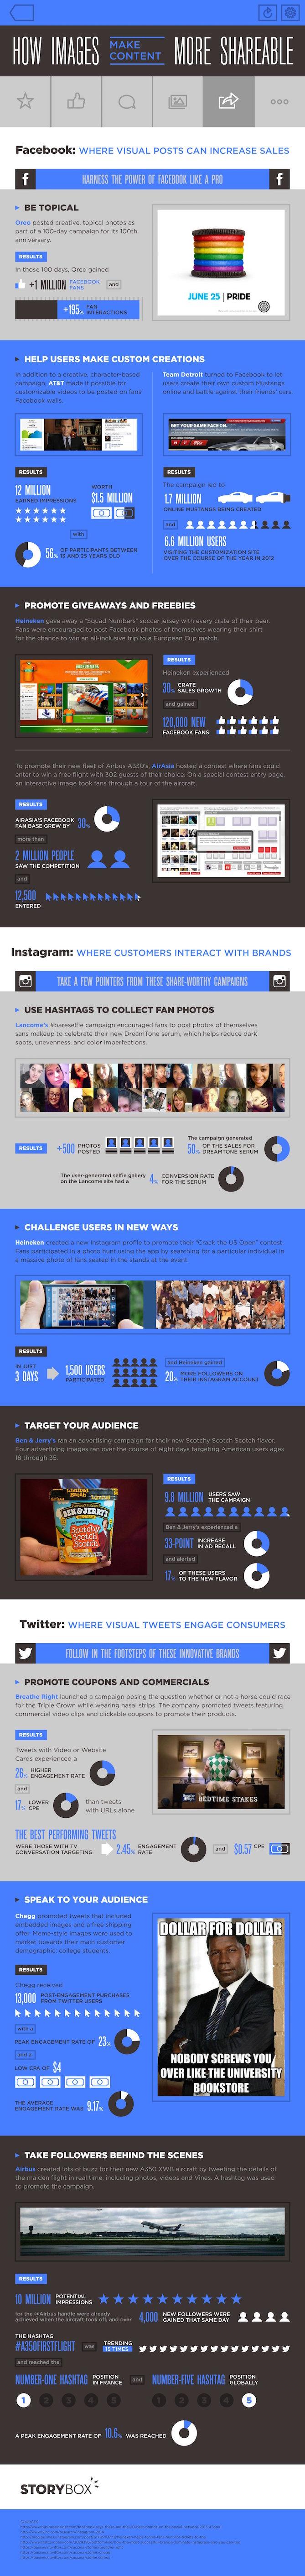 社群媒體,資訊圖表,視覺化內容